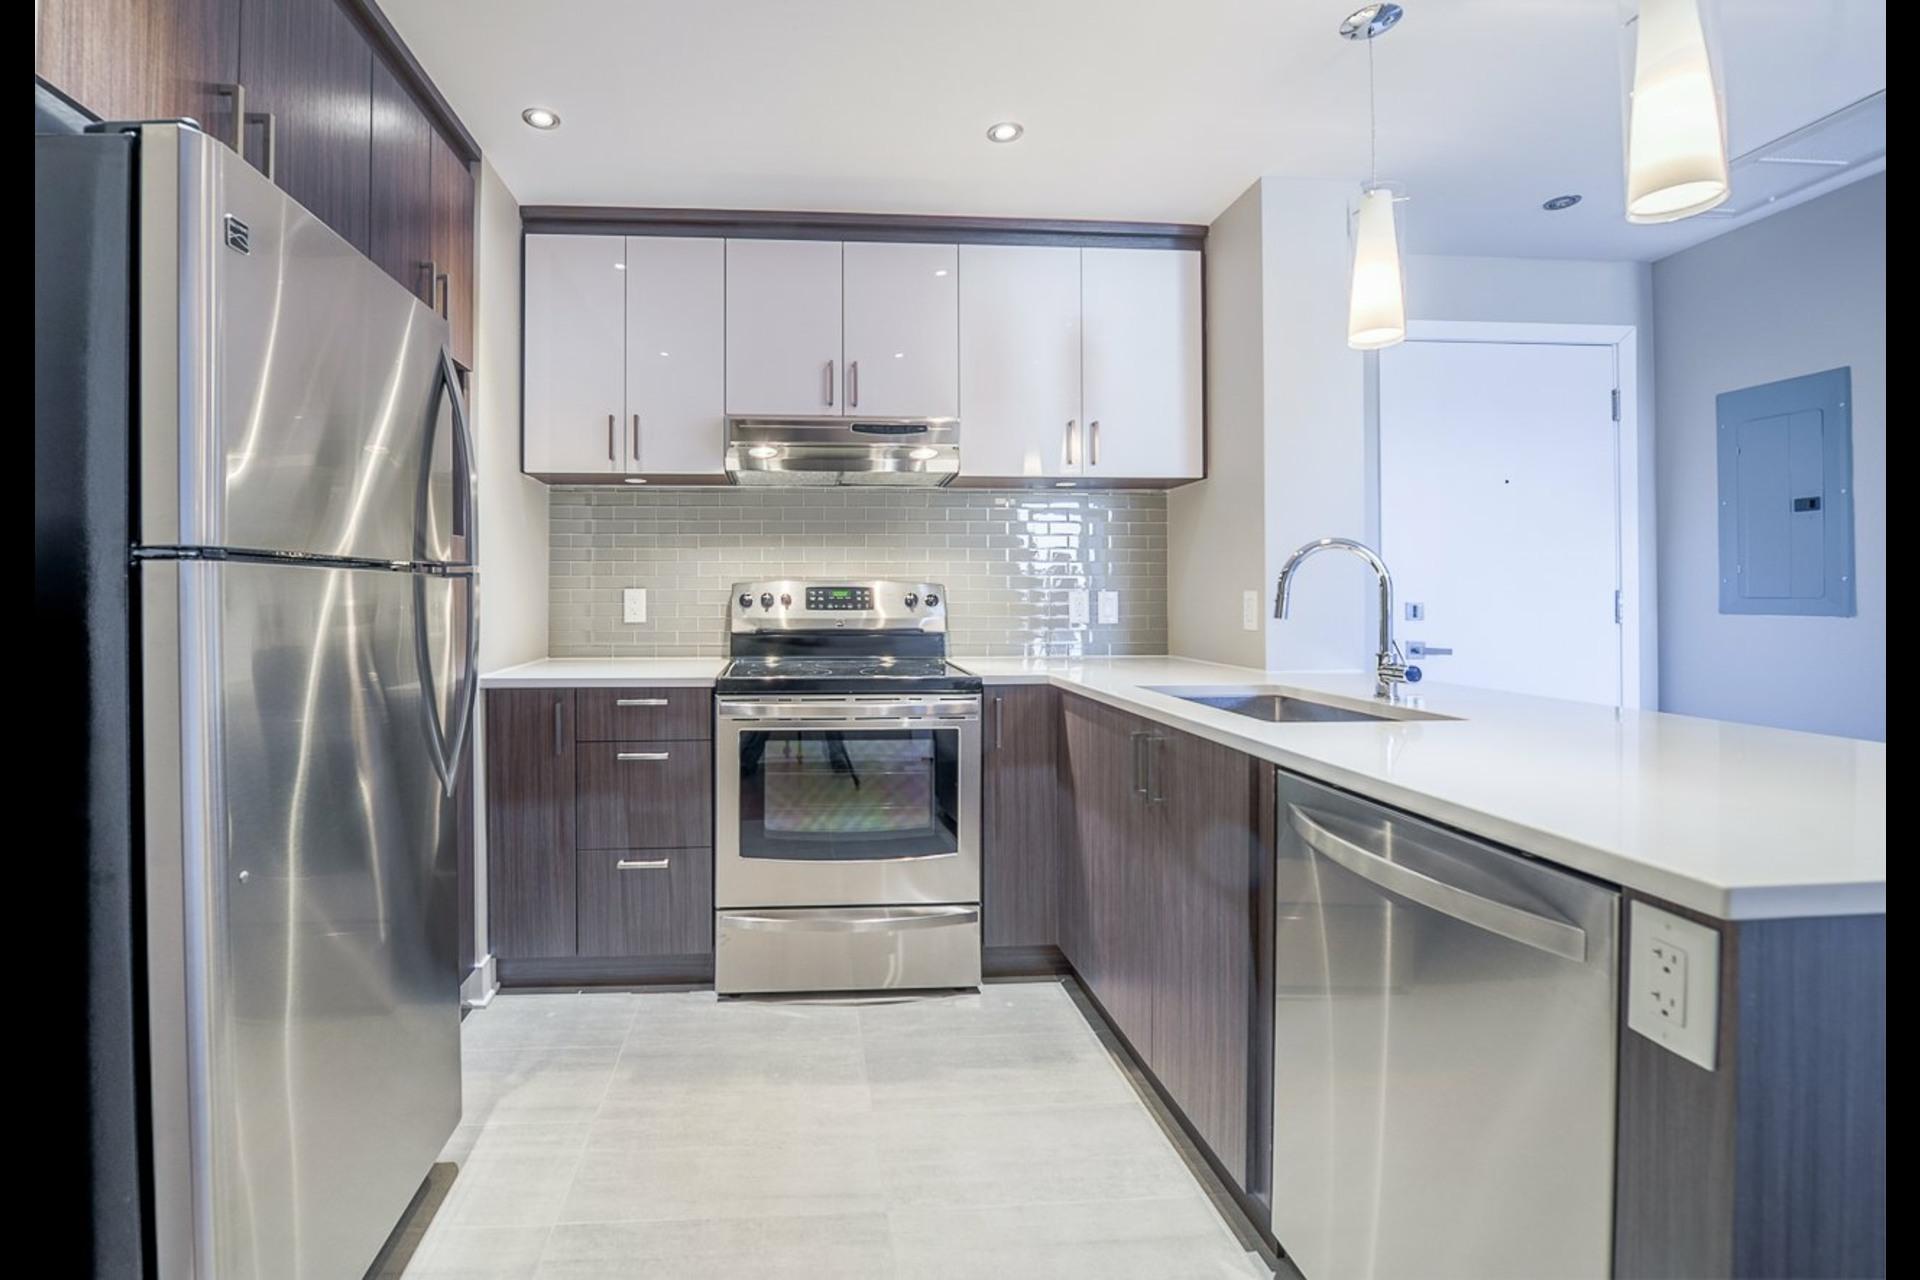 image 8 - Appartement À louer Montréal Rosemont/La Petite-Patrie  - 4 pièces